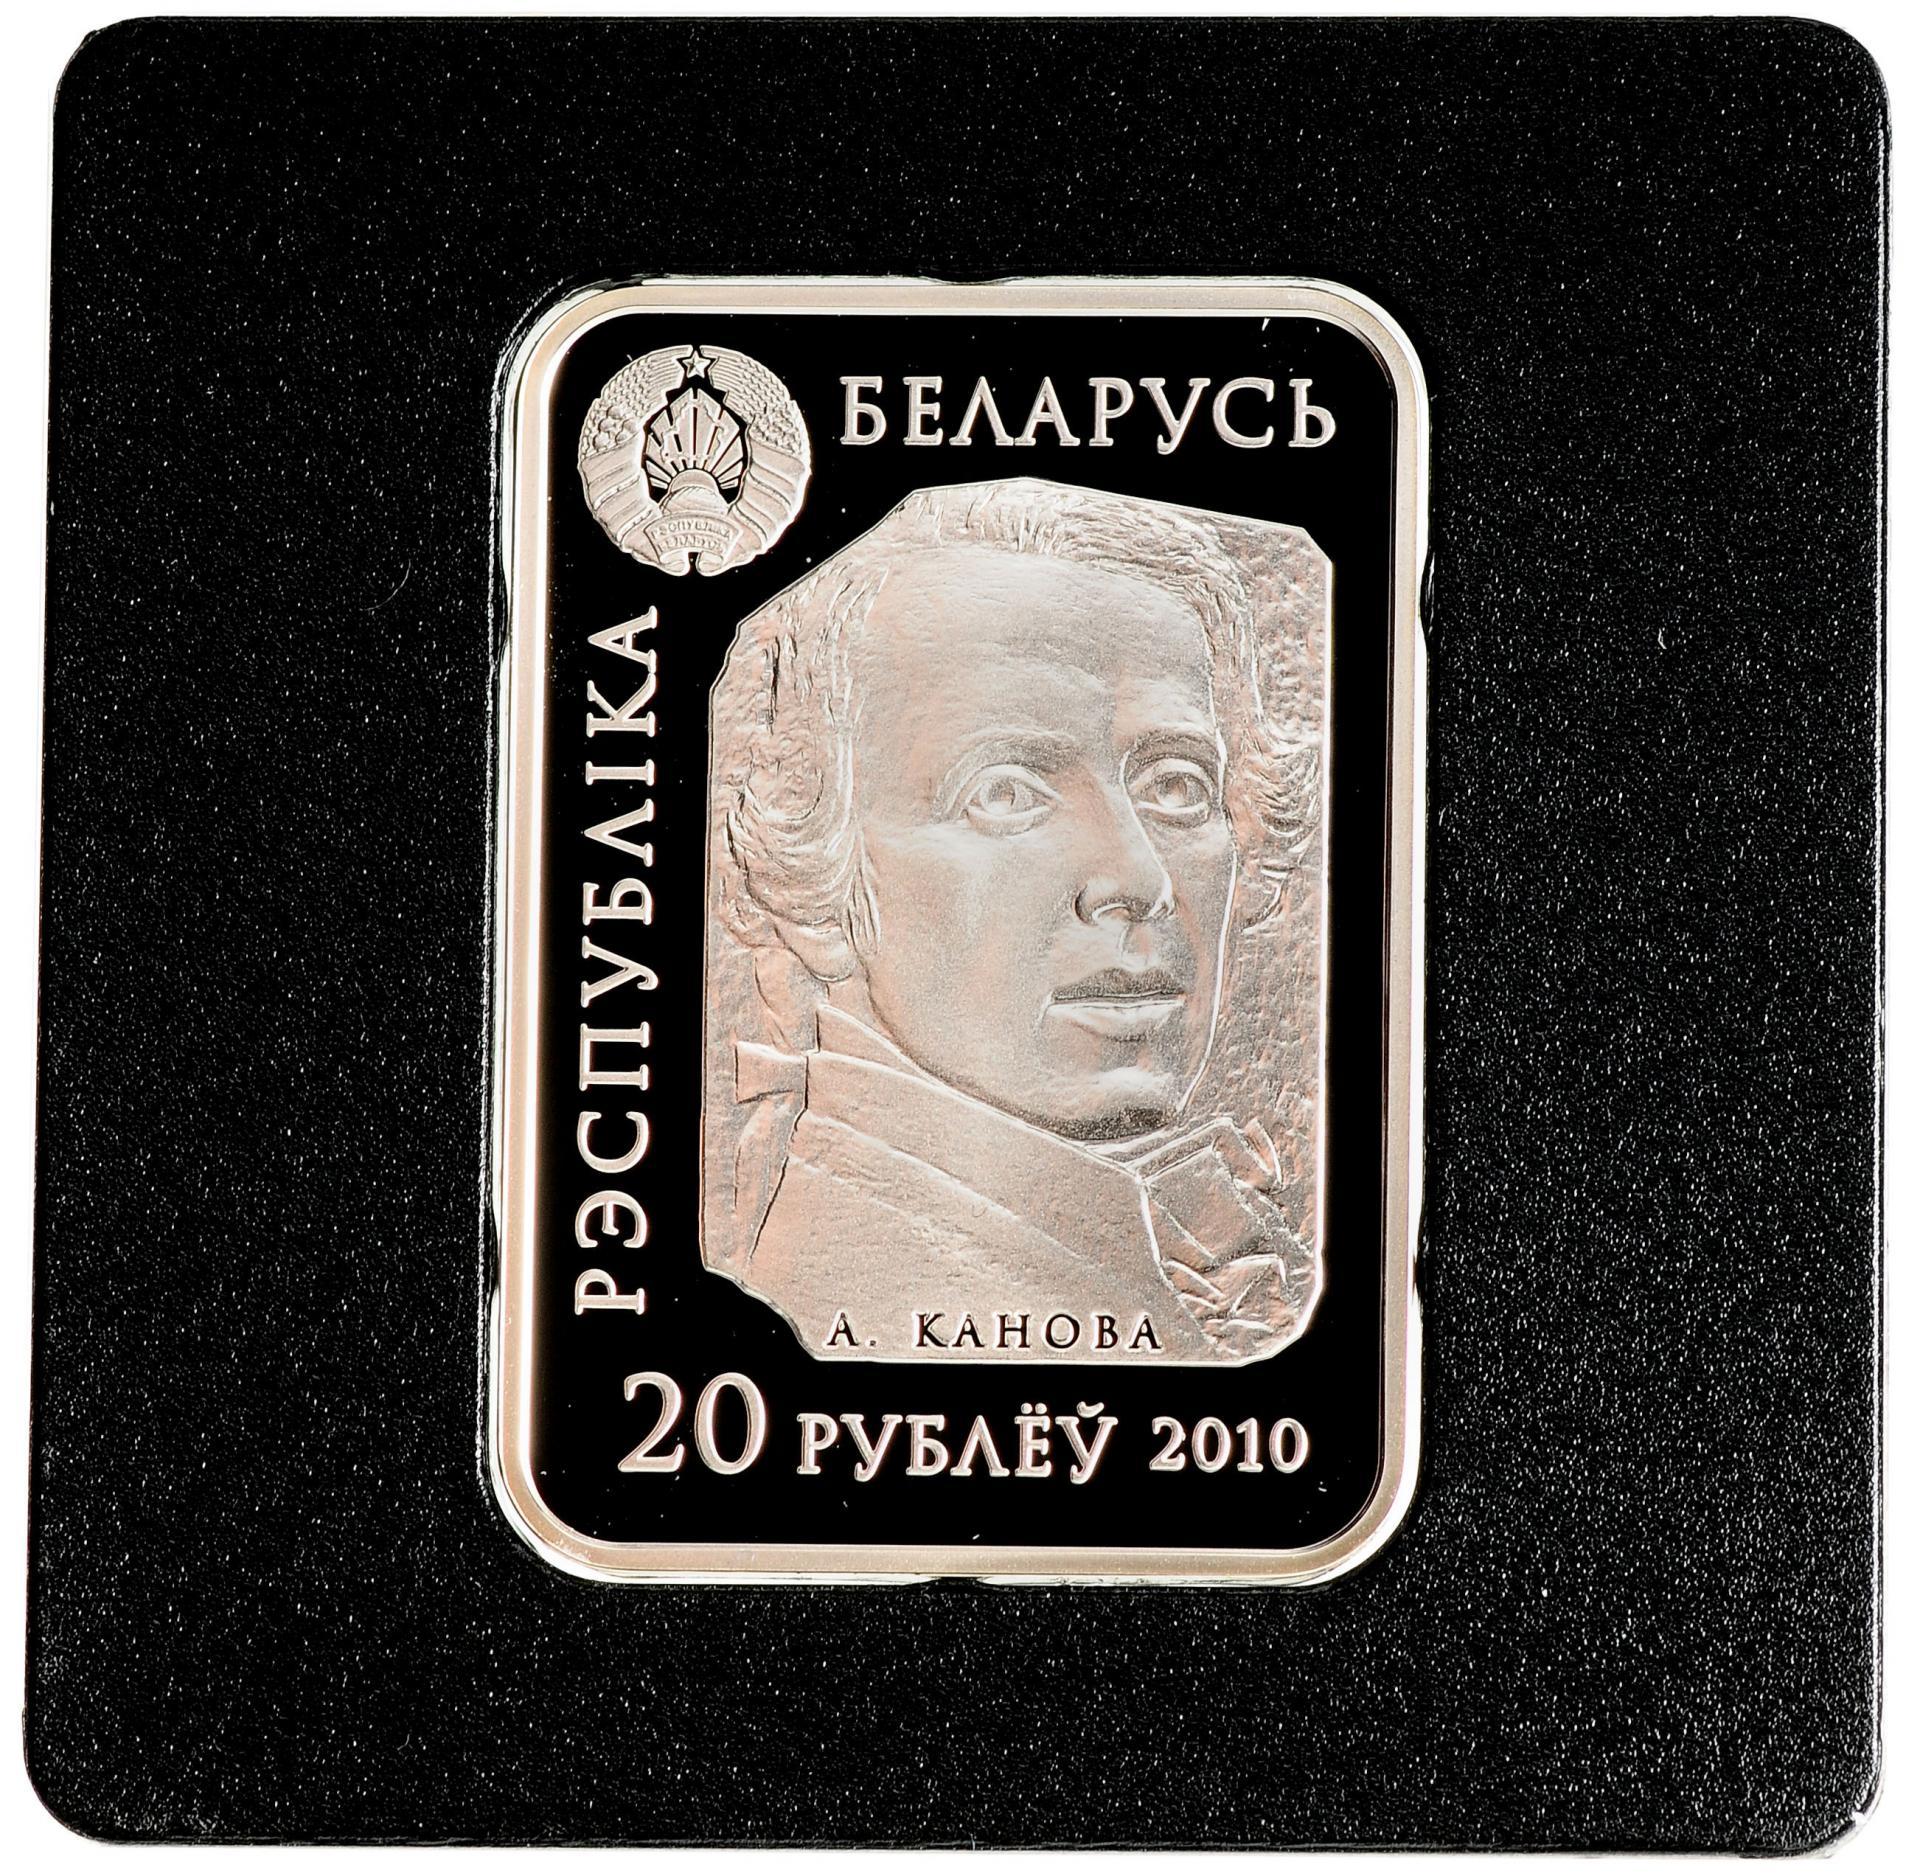 20 рублей амур и психея монеты ранние